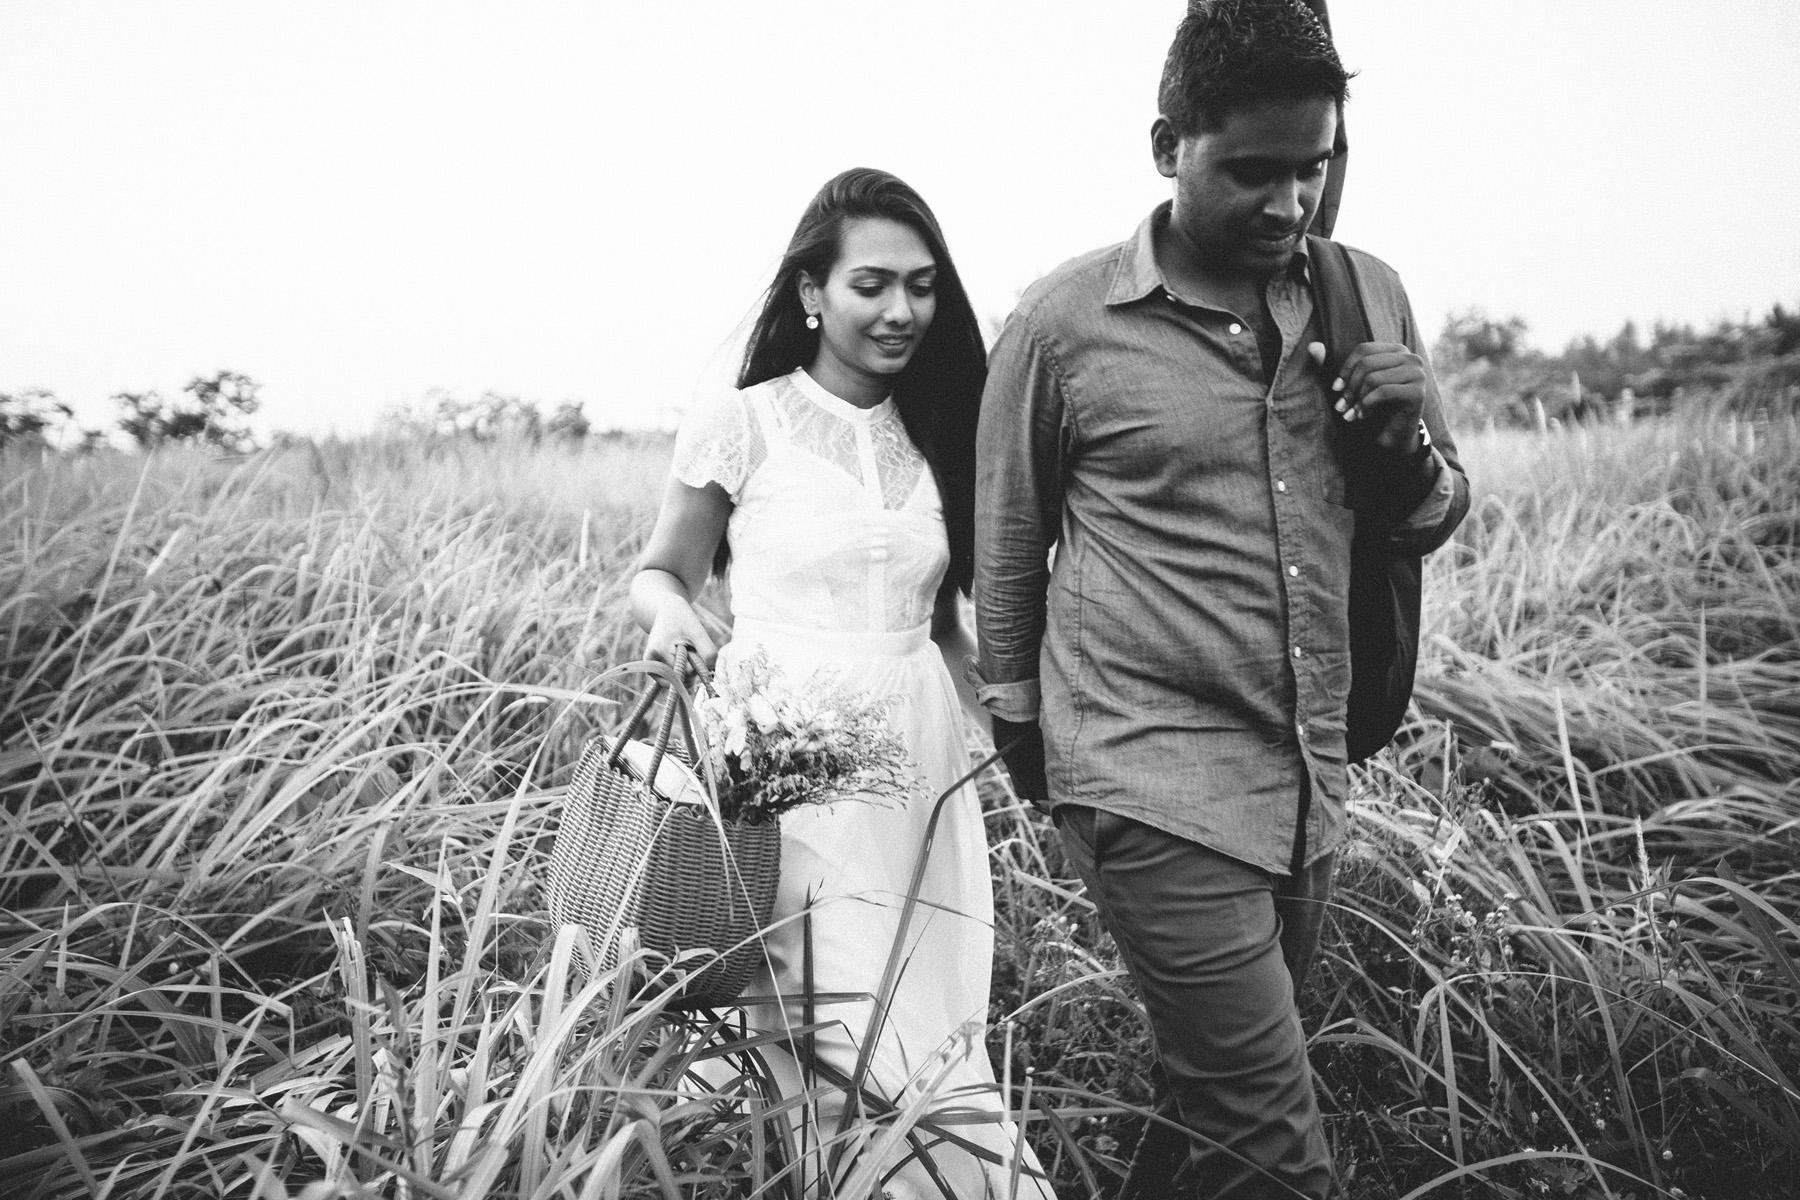 singapore-wedding-photographer-wemadethese-portraits-023.jpg